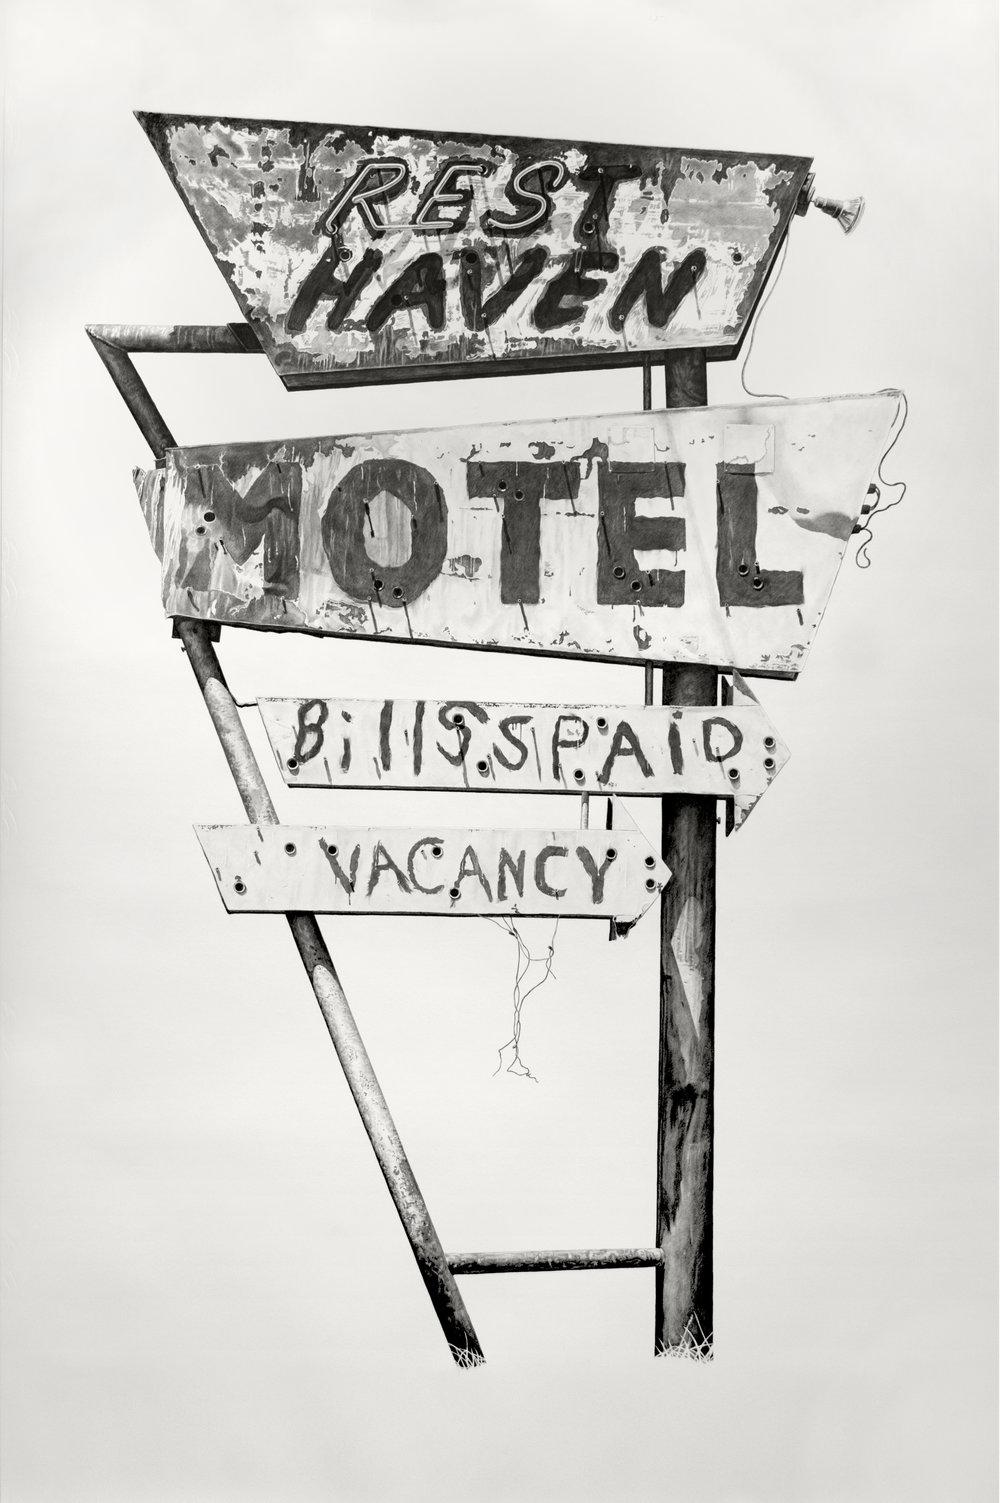 Rest Haven Motel (Billss Paid, Vacancy)